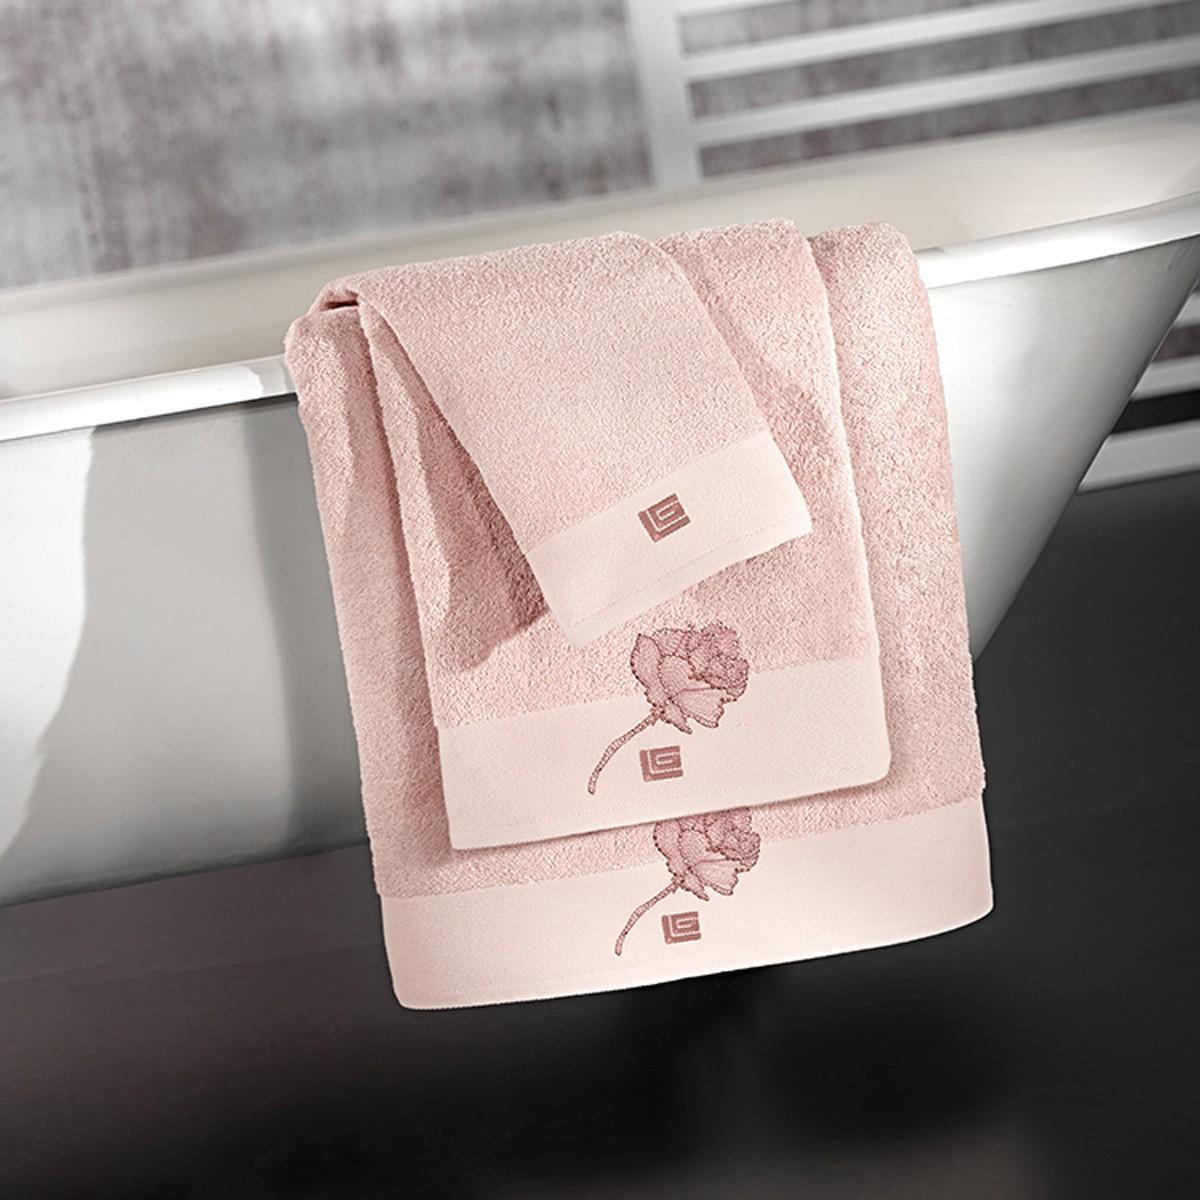 Πετσέτες Μπάνιου (Σετ 3τμχ) Guy Laroche Celia Old Pink